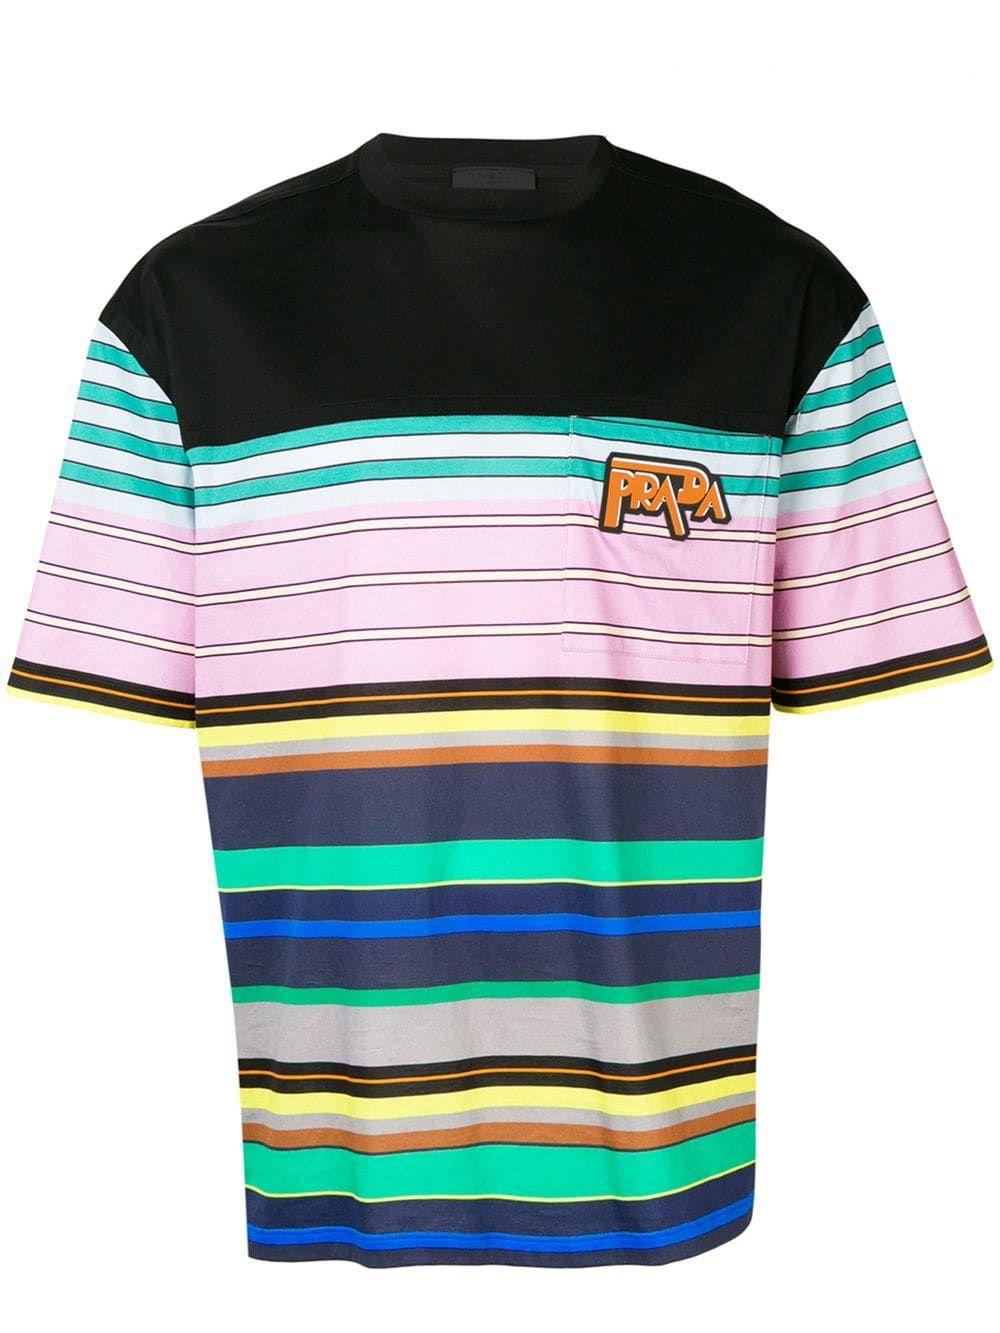 b3e465c1 PRADA LIGHT COTTON STRIPED T-SHIRT W/LOGO. #prada #cloth | Prada in ...